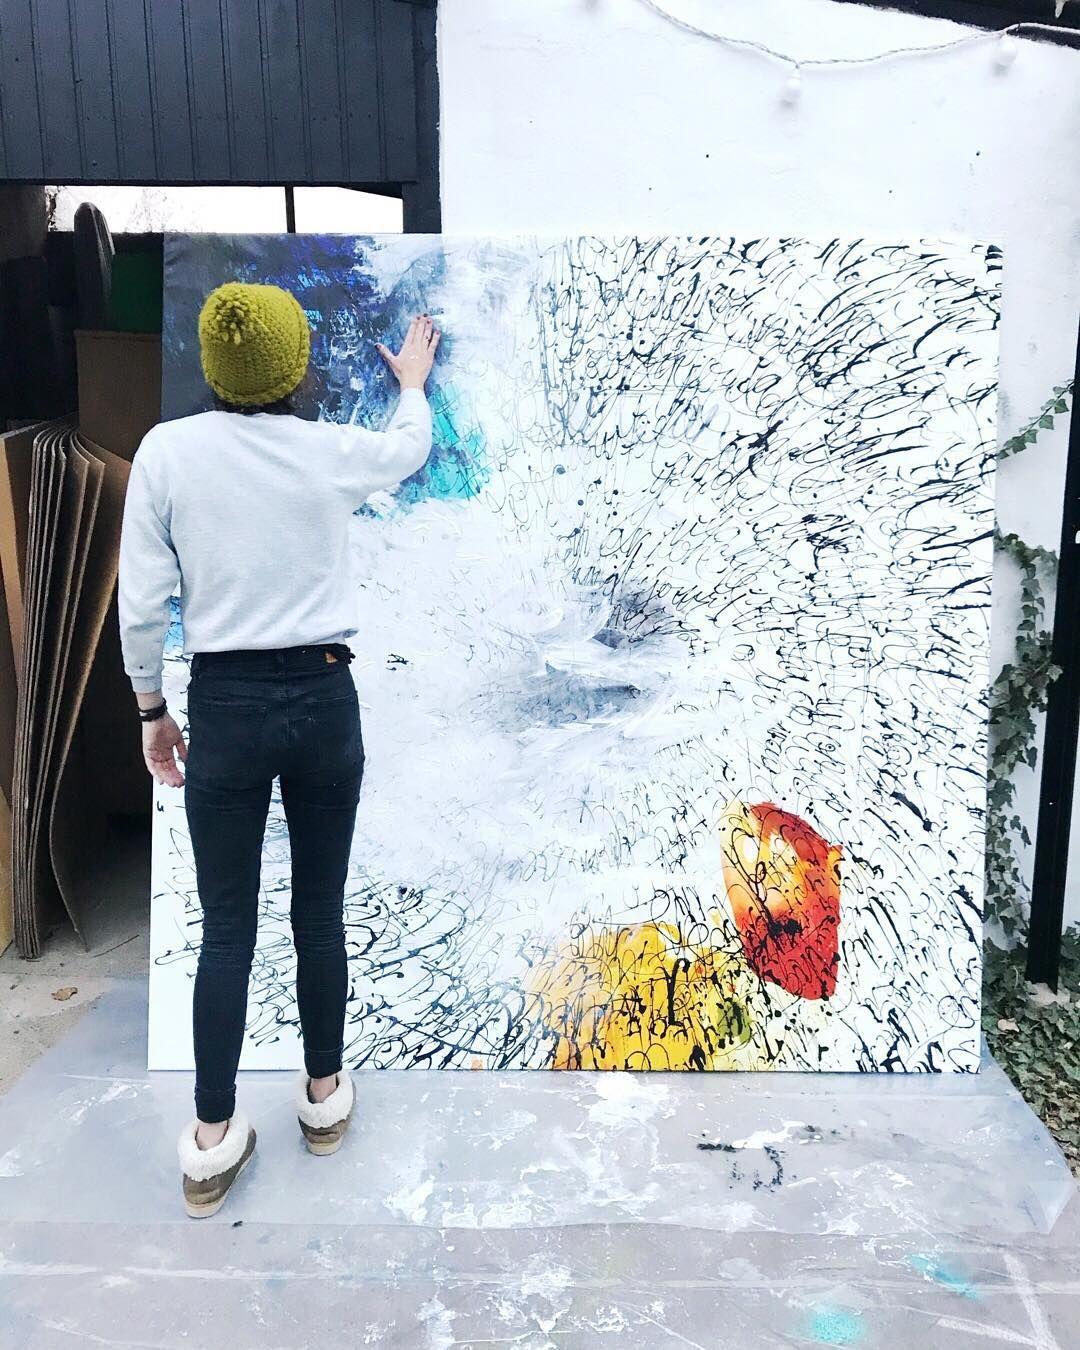 Abstract painter, outdoor studio